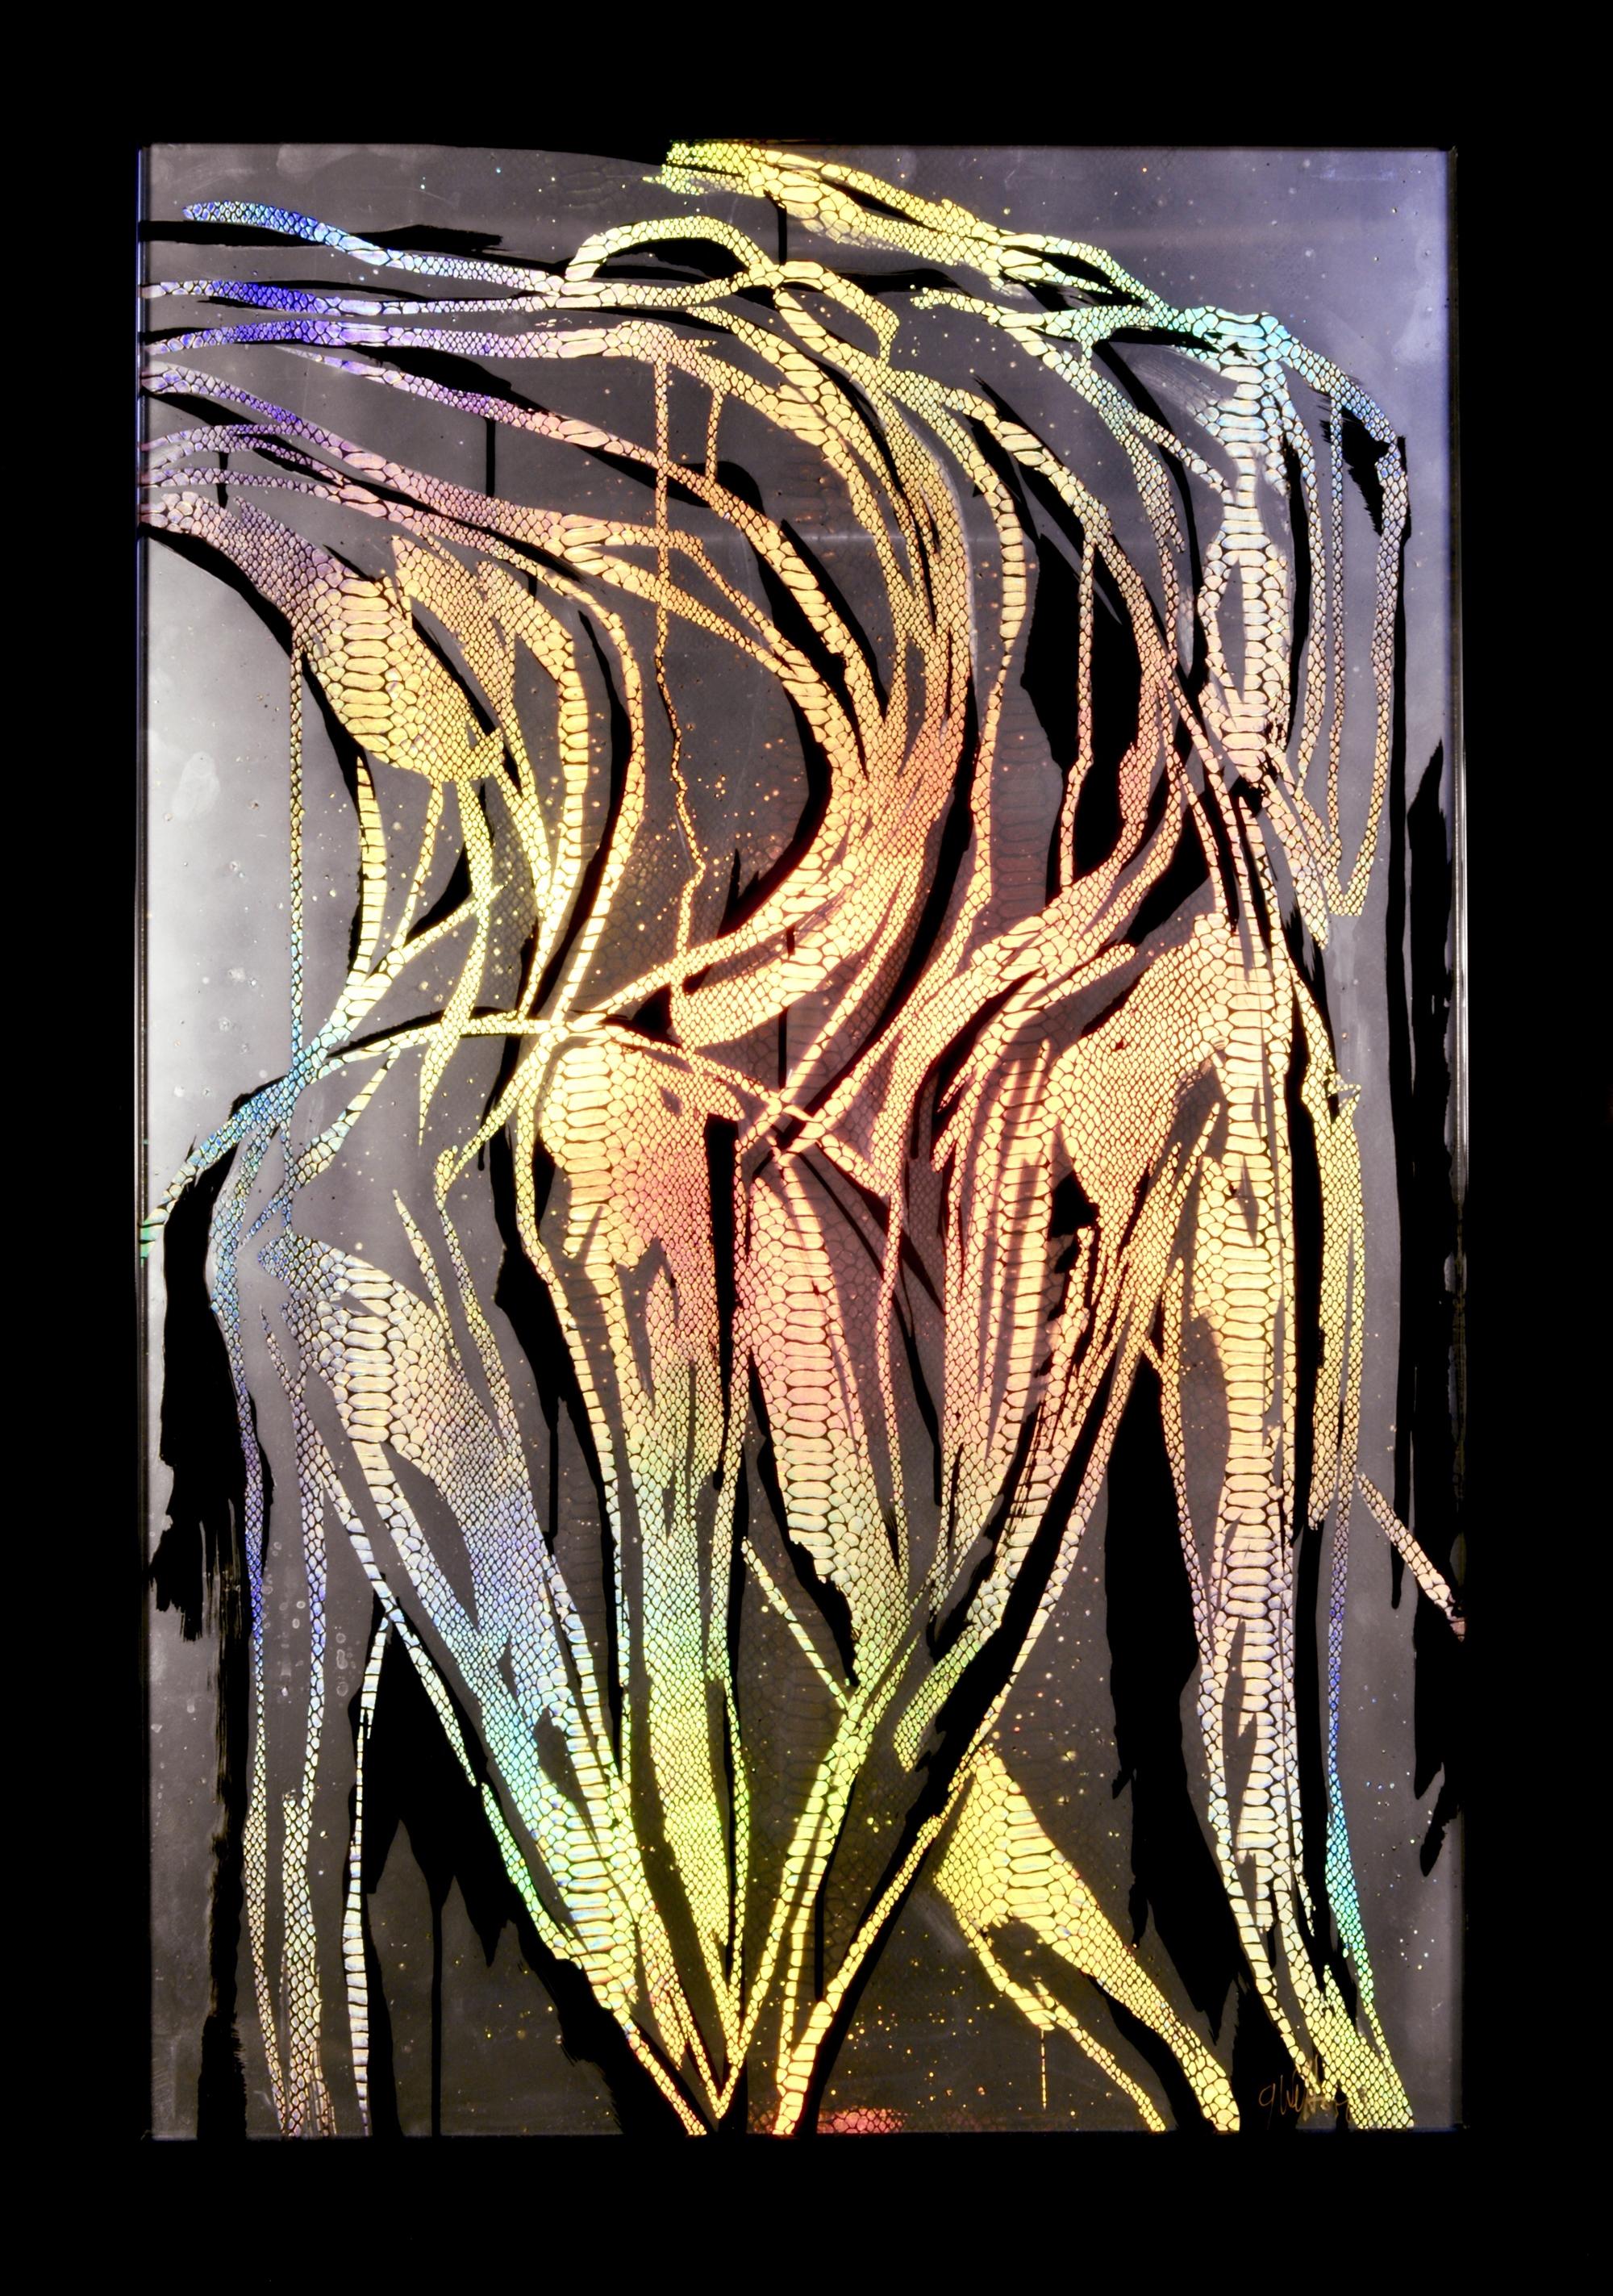 Serpentine by Gary Welton